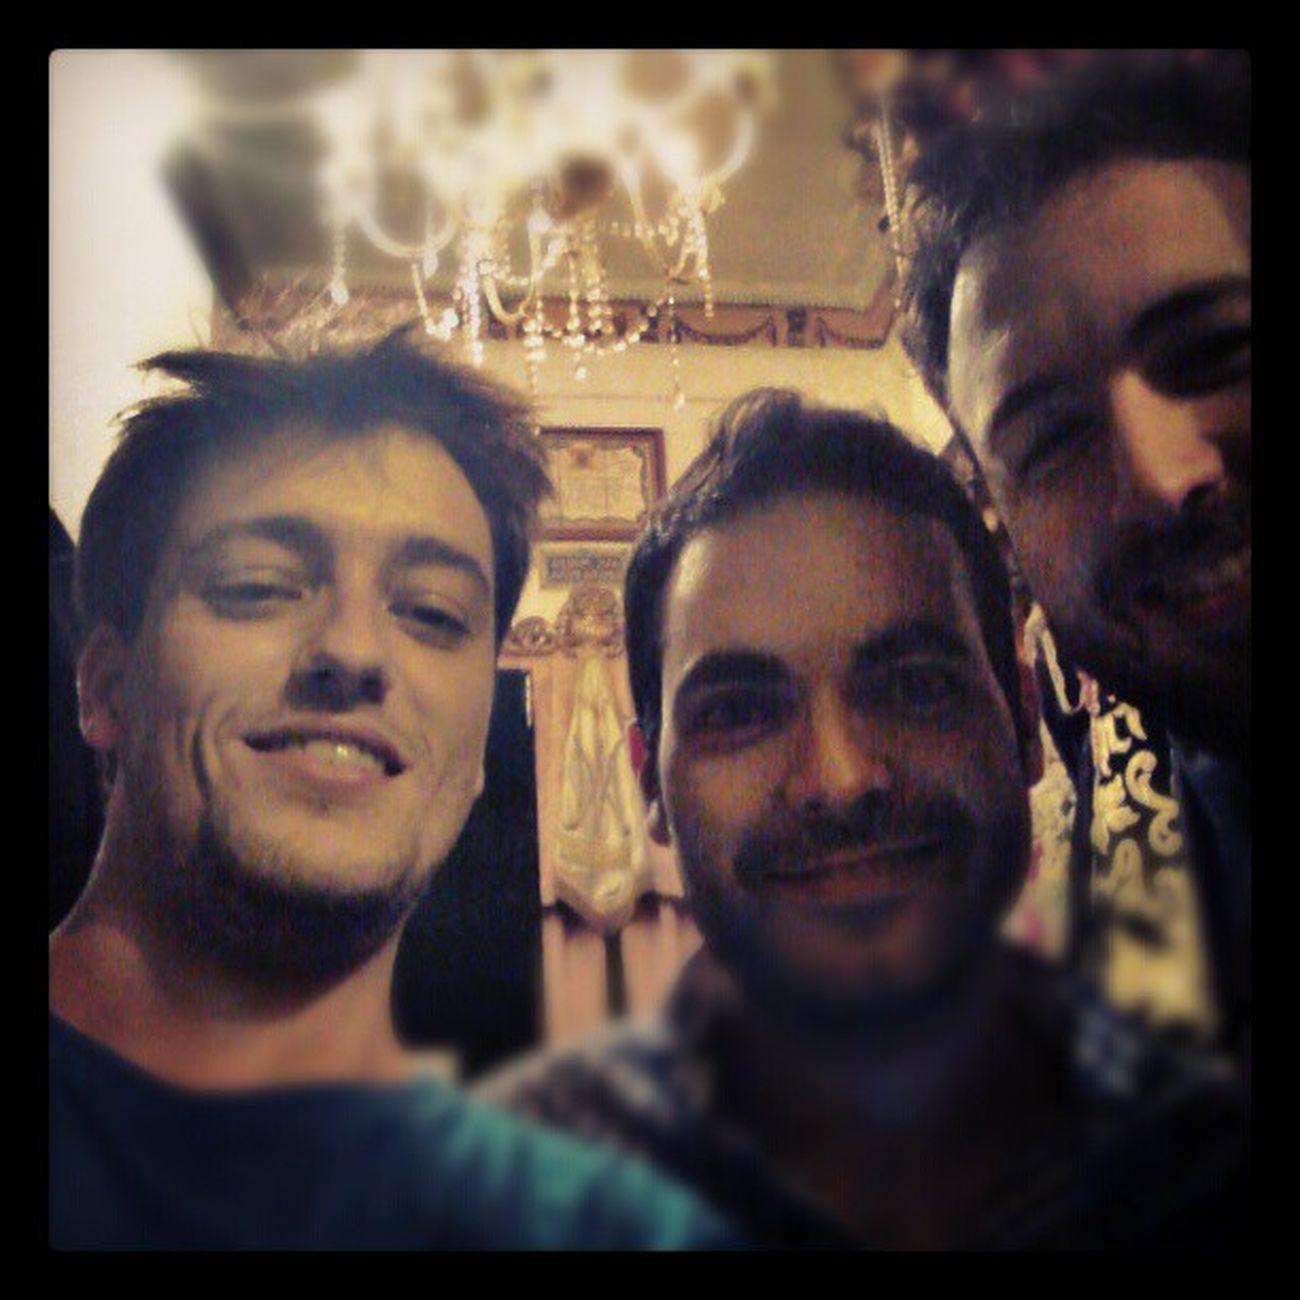 Hacía años que no coincidía con los geniales @david_martos y @juanlusanchez ^_^ Ebe12